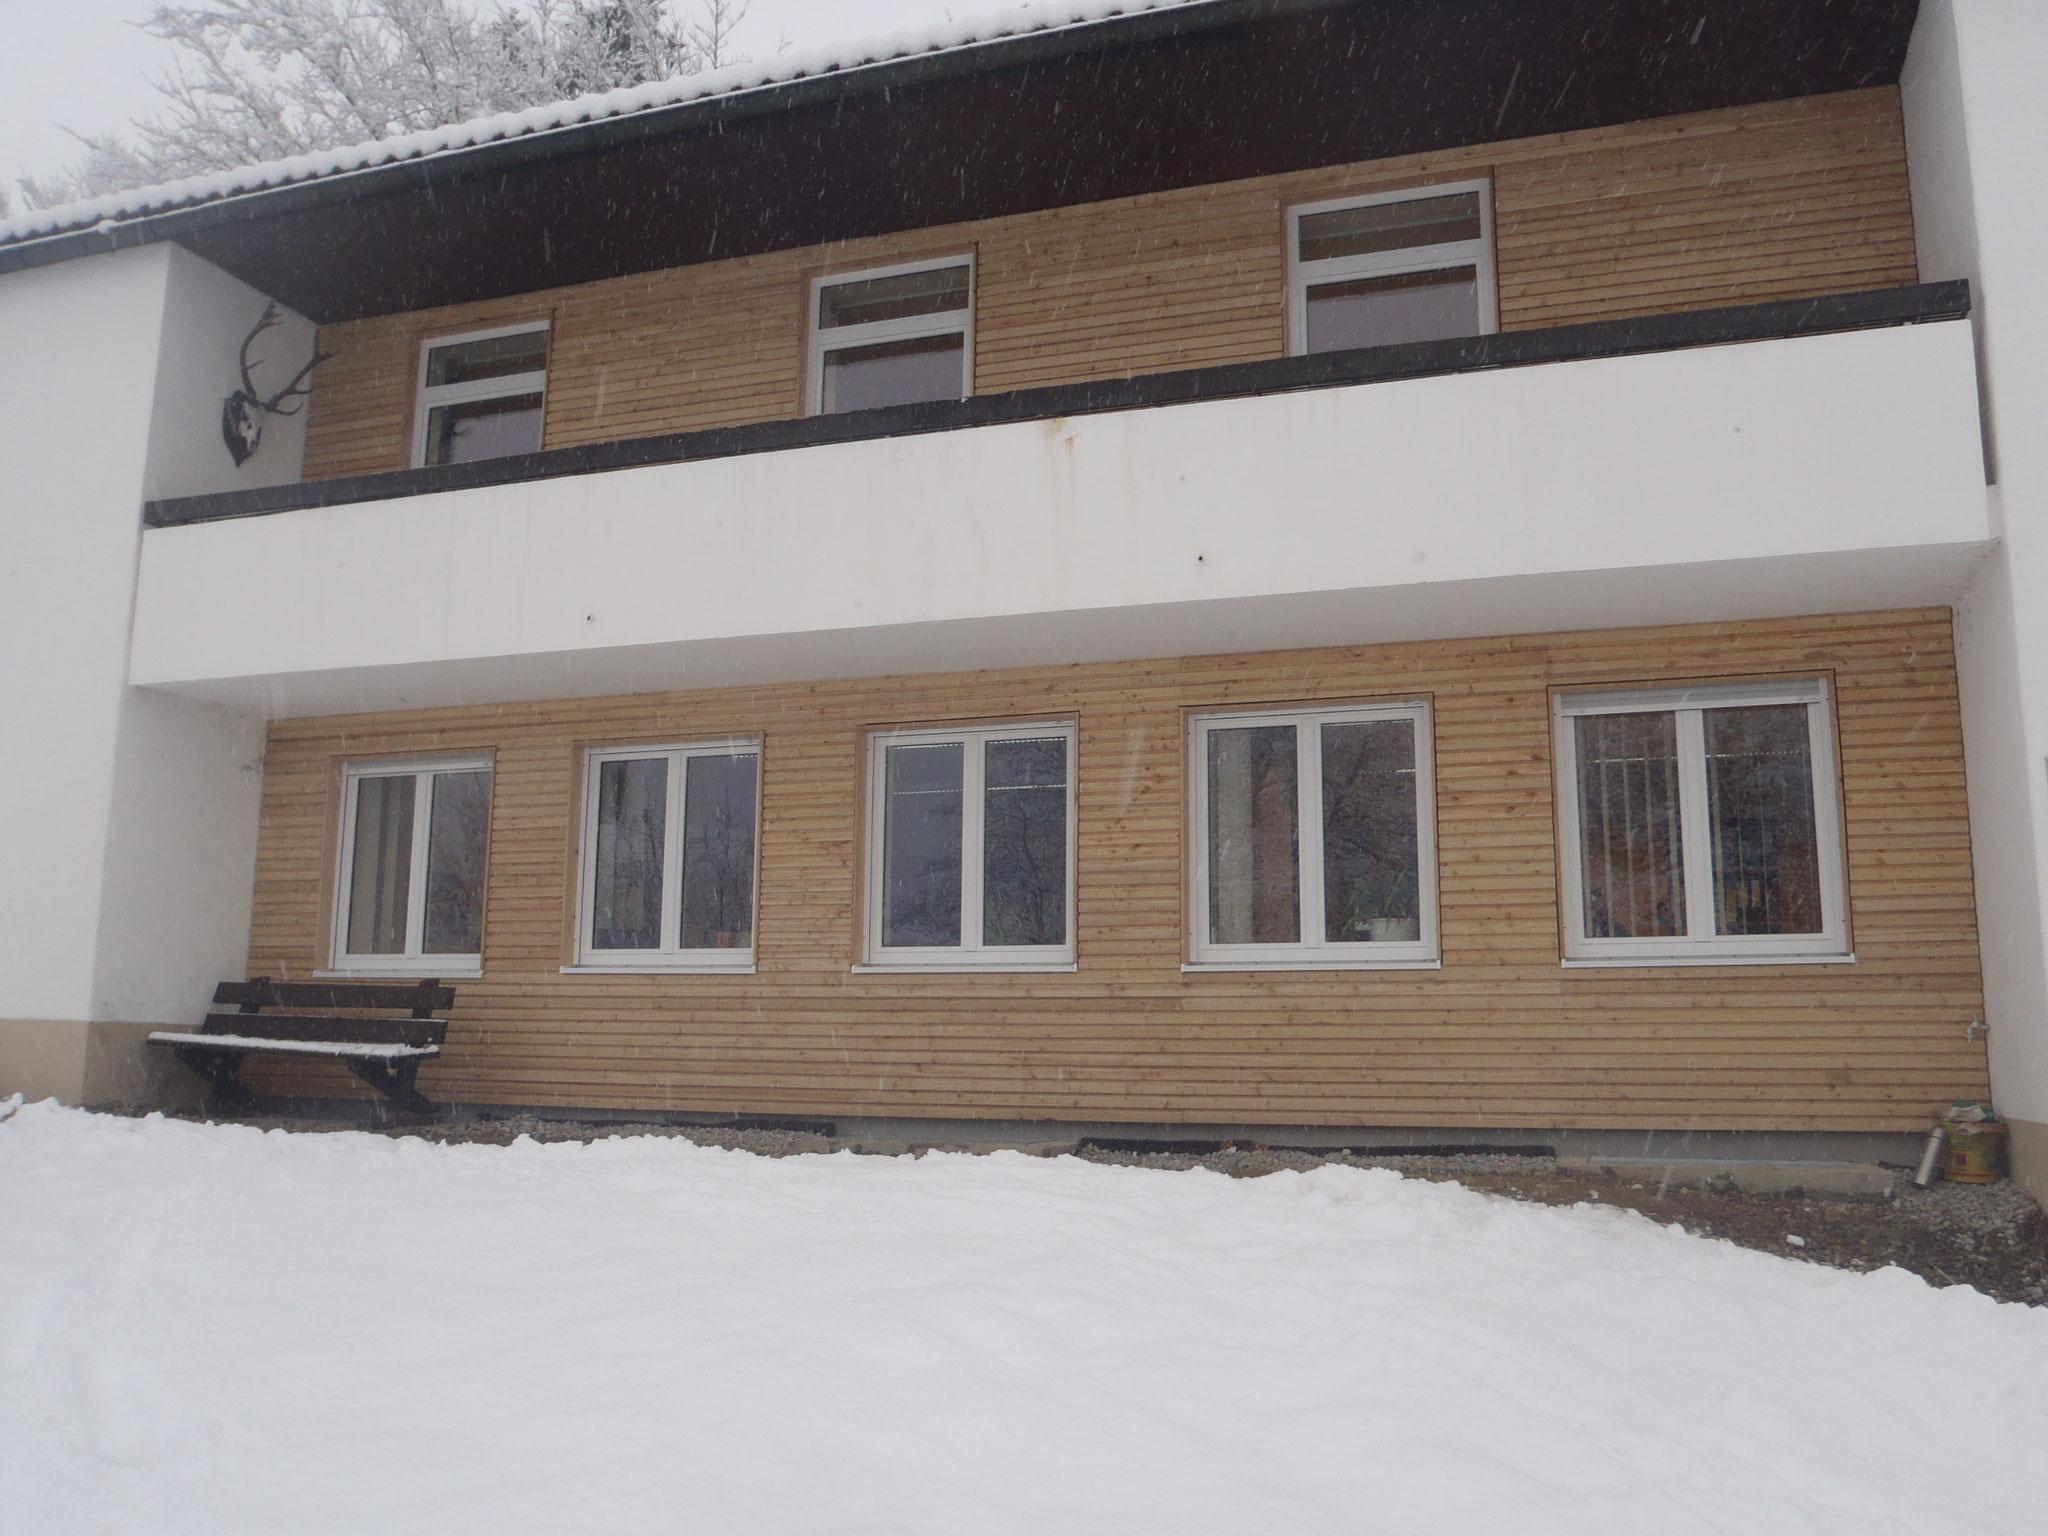 Fassadenverkleidung mit Fenster